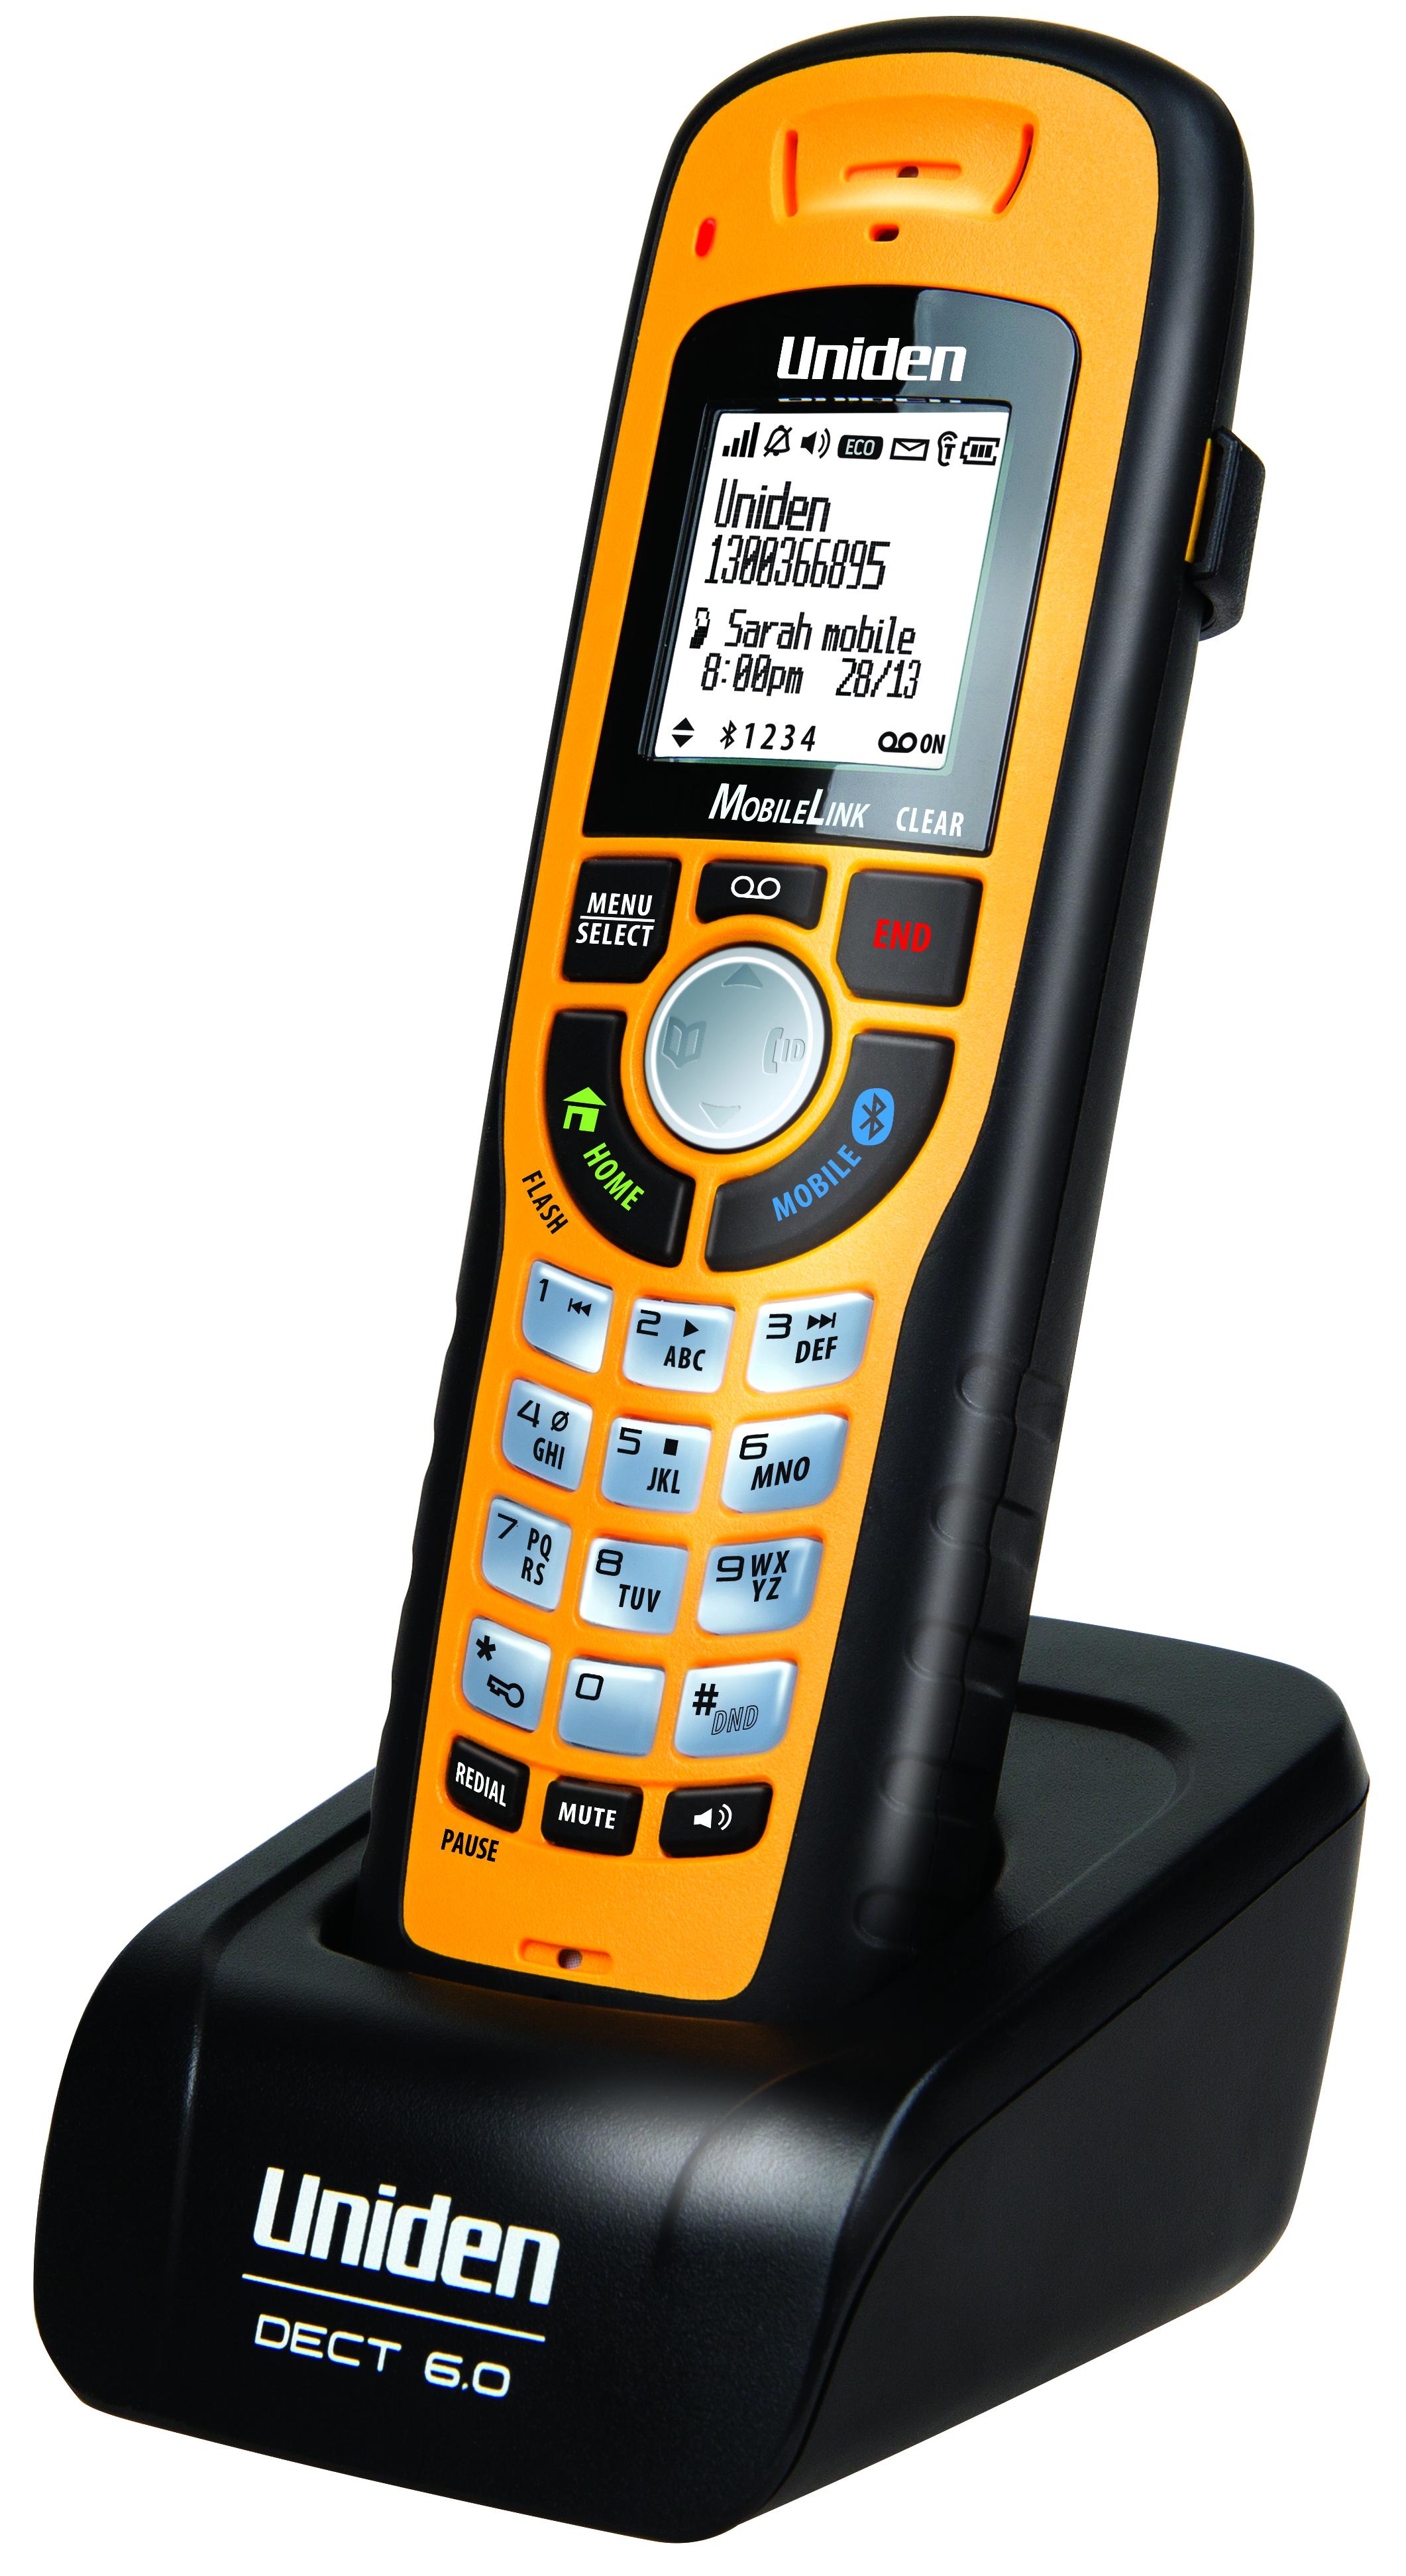 xdect 8305wp uniden rh uniden com au uniden dect 6.0 waterproof cordless phone manual Cordless Phone Uniden Wx1477